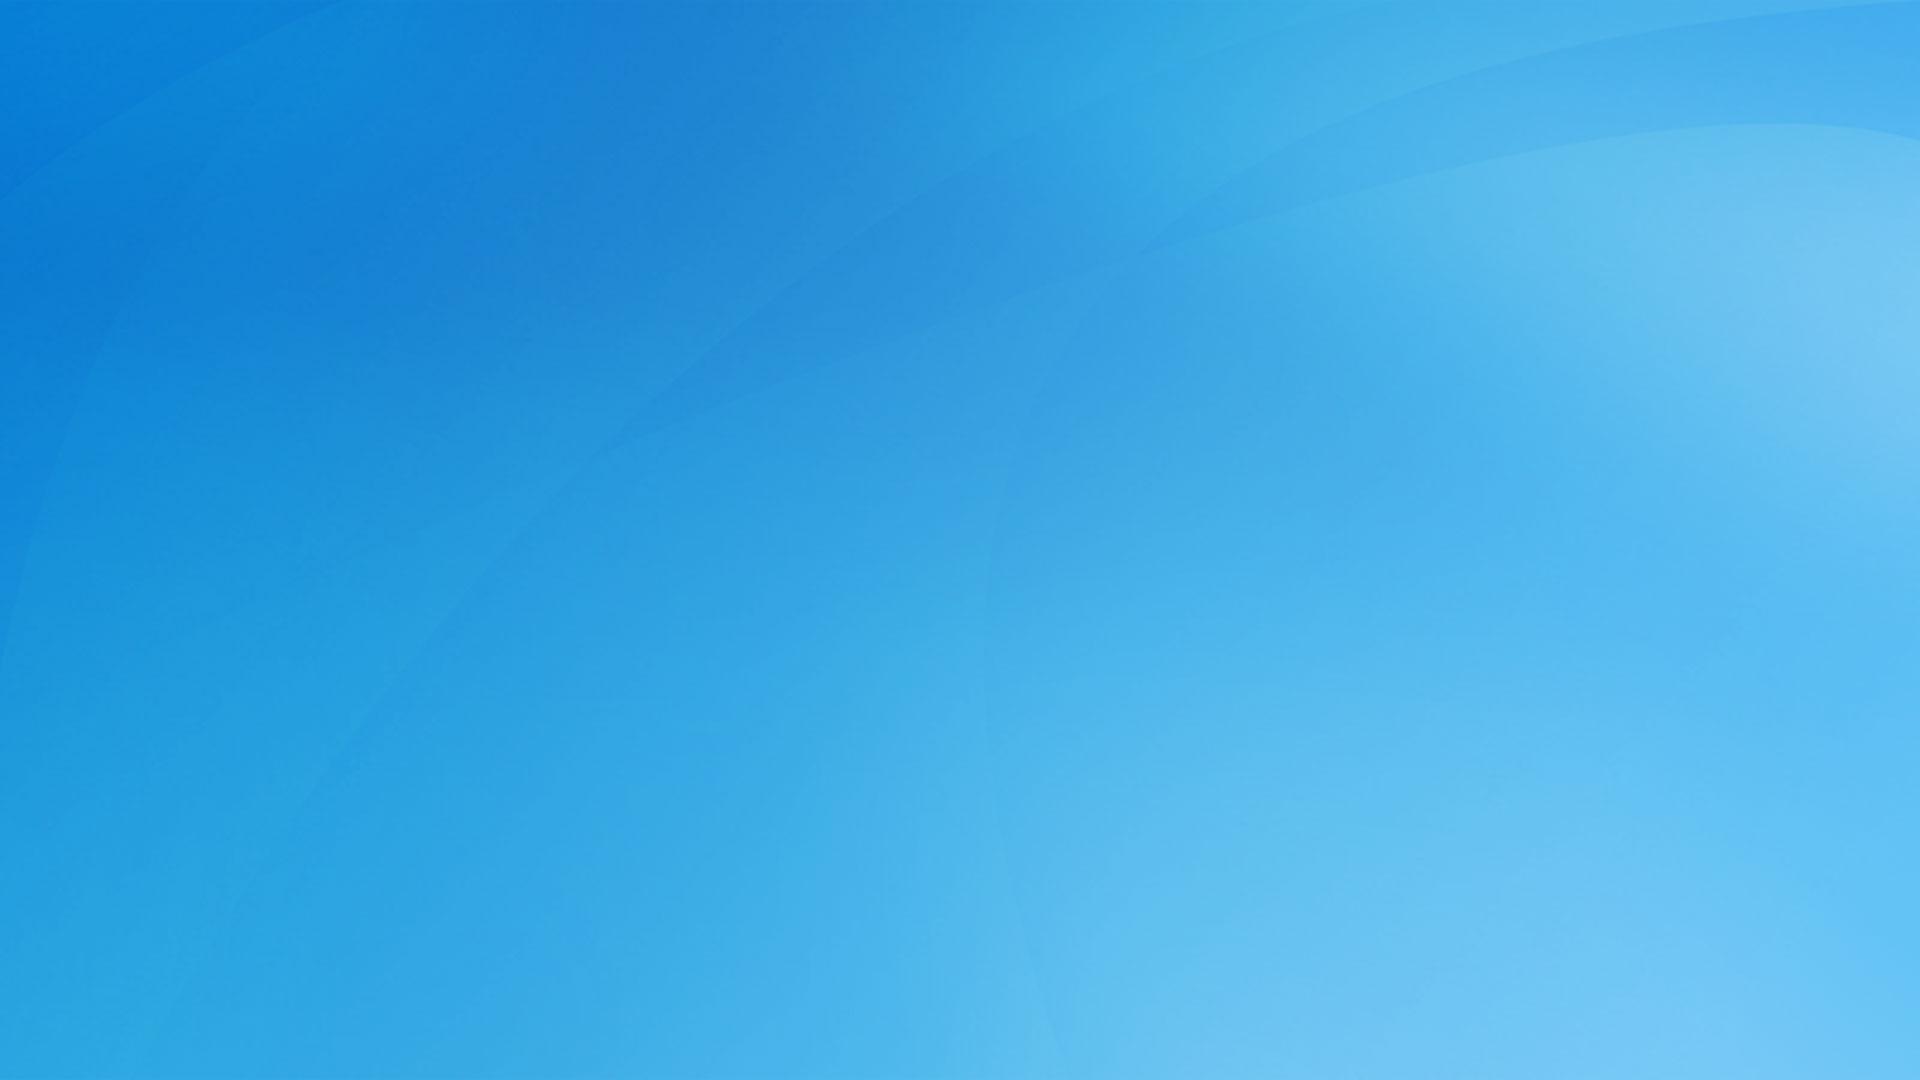 plain light blue wallpaper 46971 1920x1080 px ~ hdwallsource